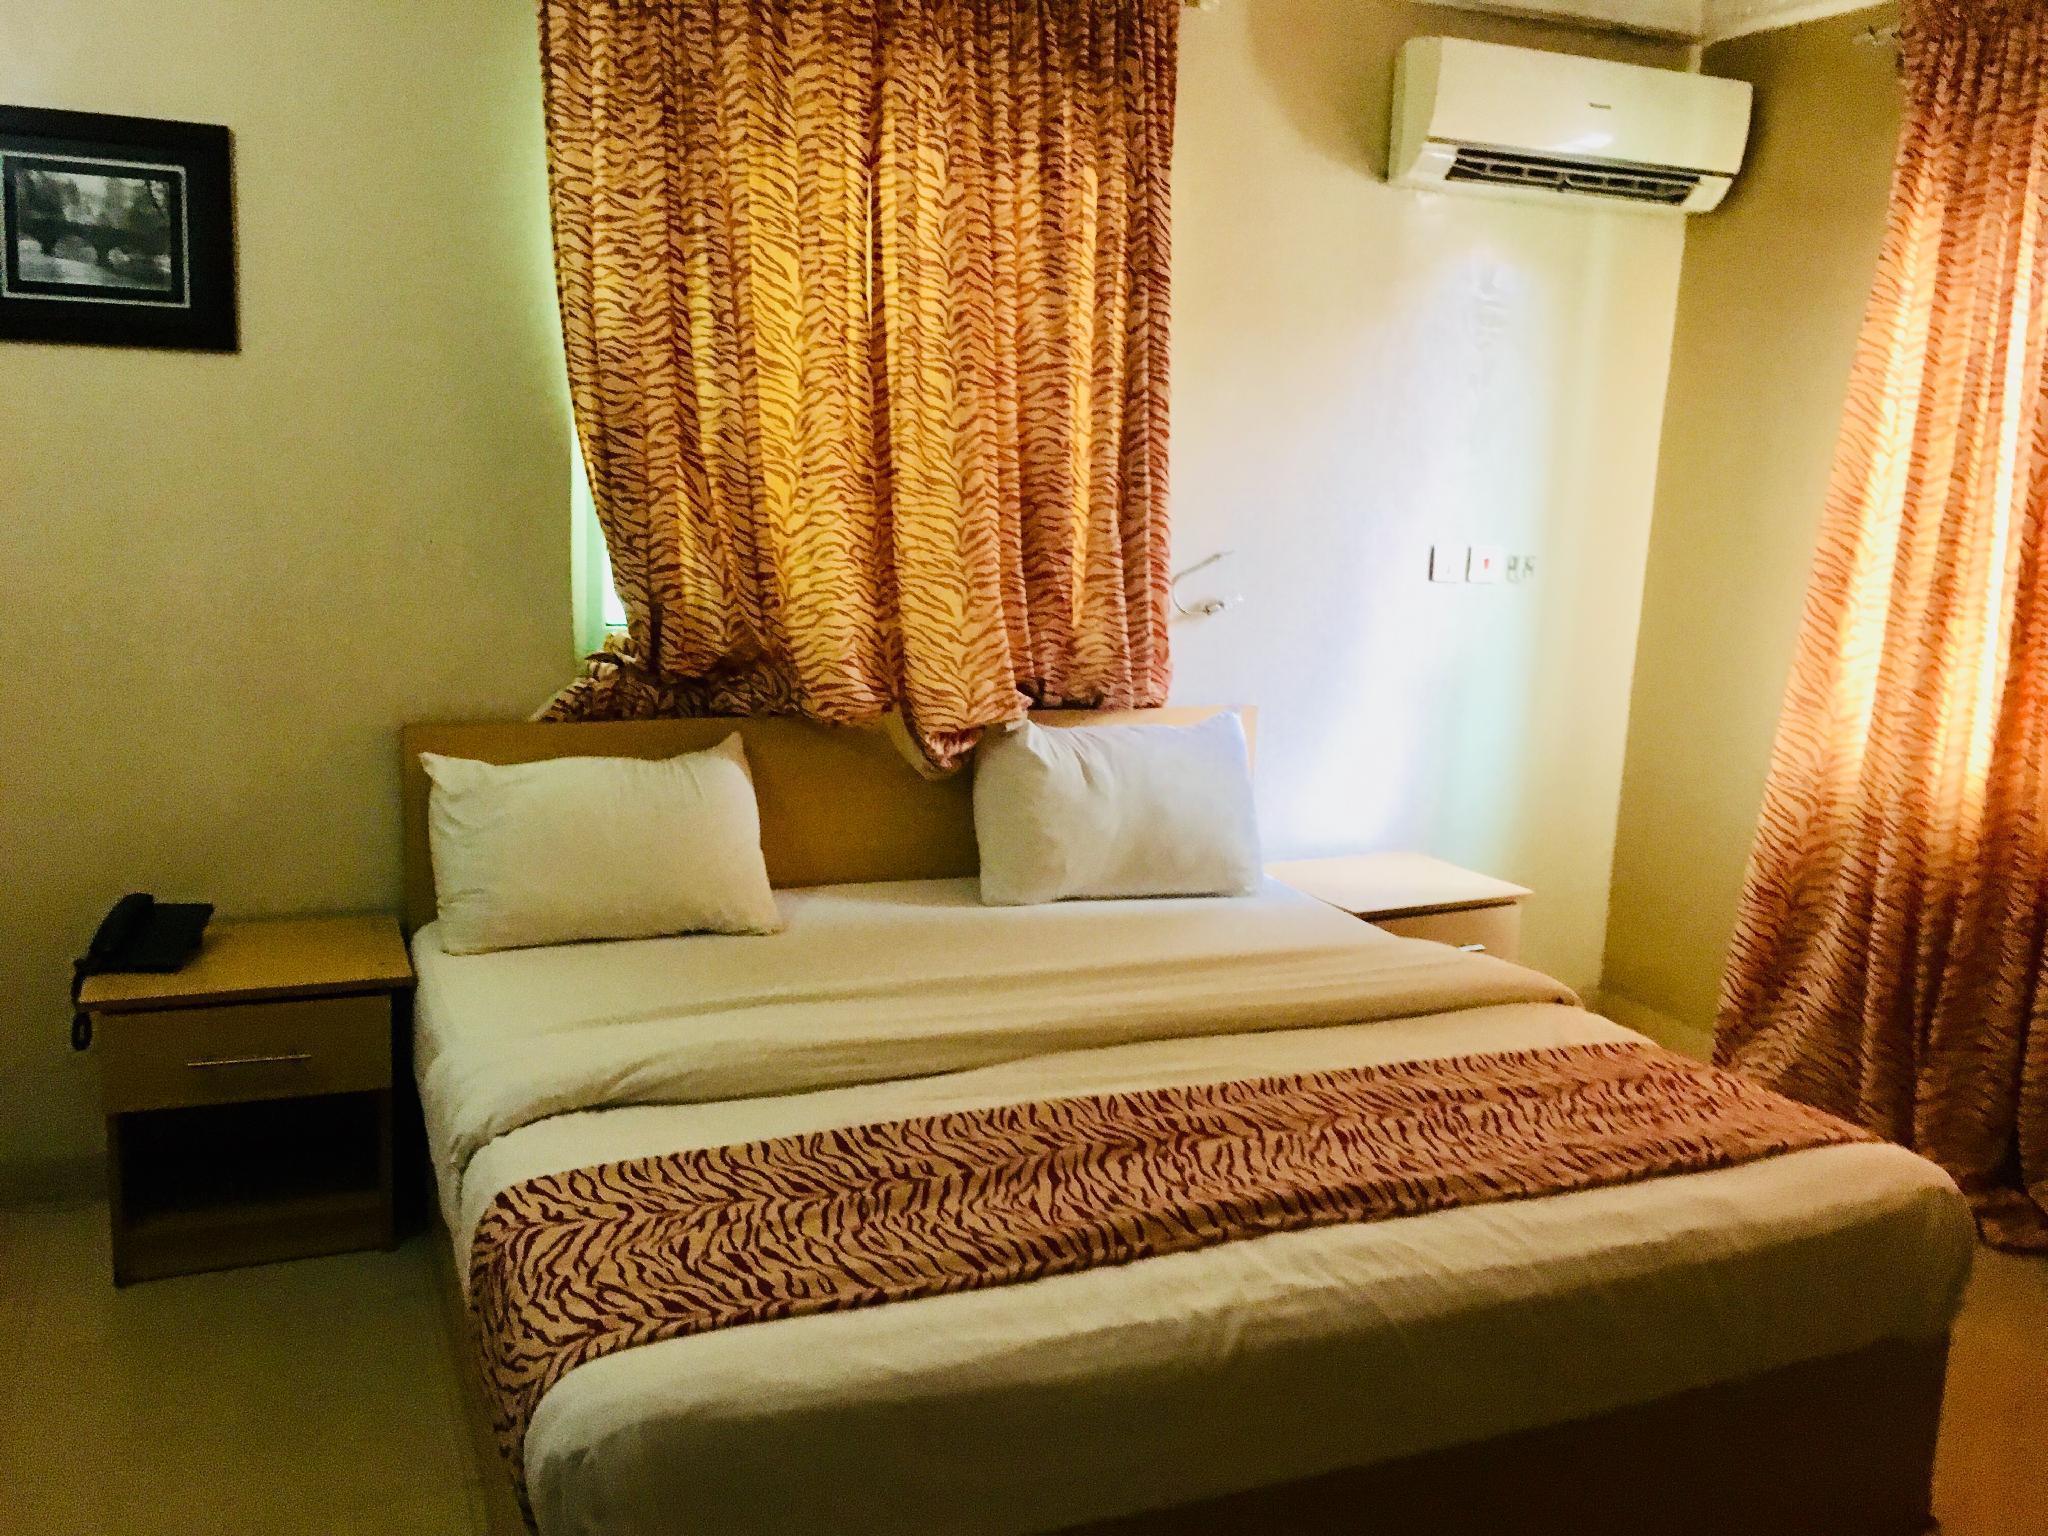 Mignonette Hotel & Suites, Oredo Edo